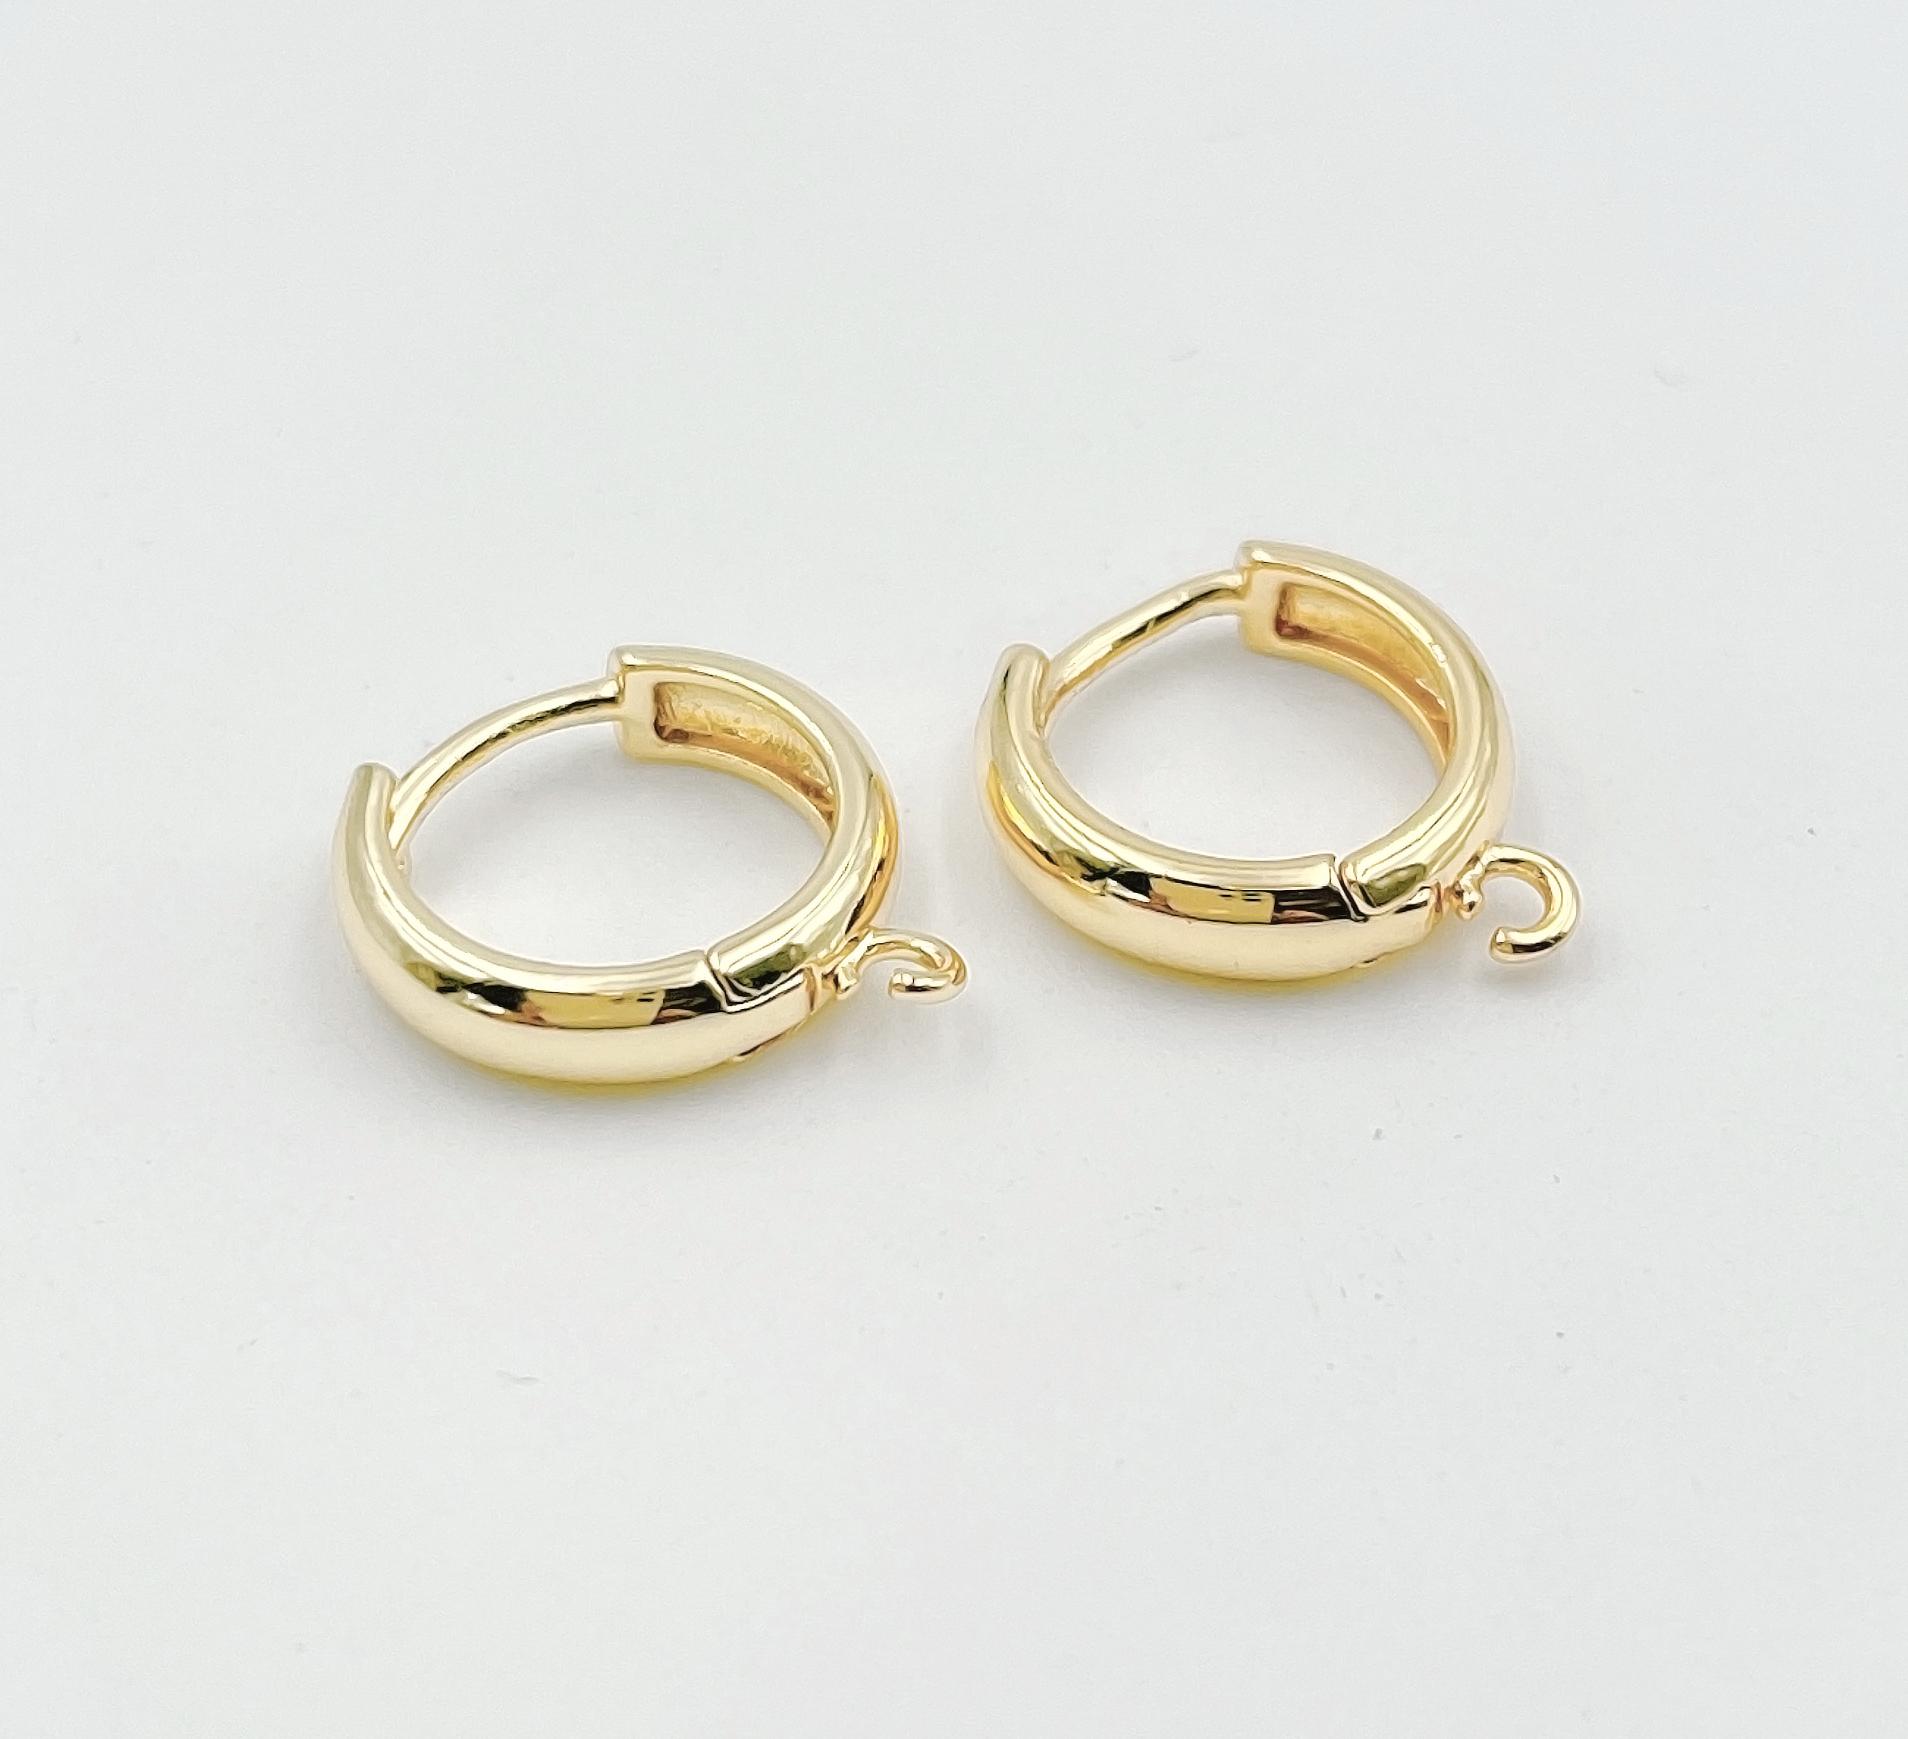 minimalist earrings dainty earrings small hoop earrings Tiny Hoop Earrings gold filled hoop earrings gold hoop earrings